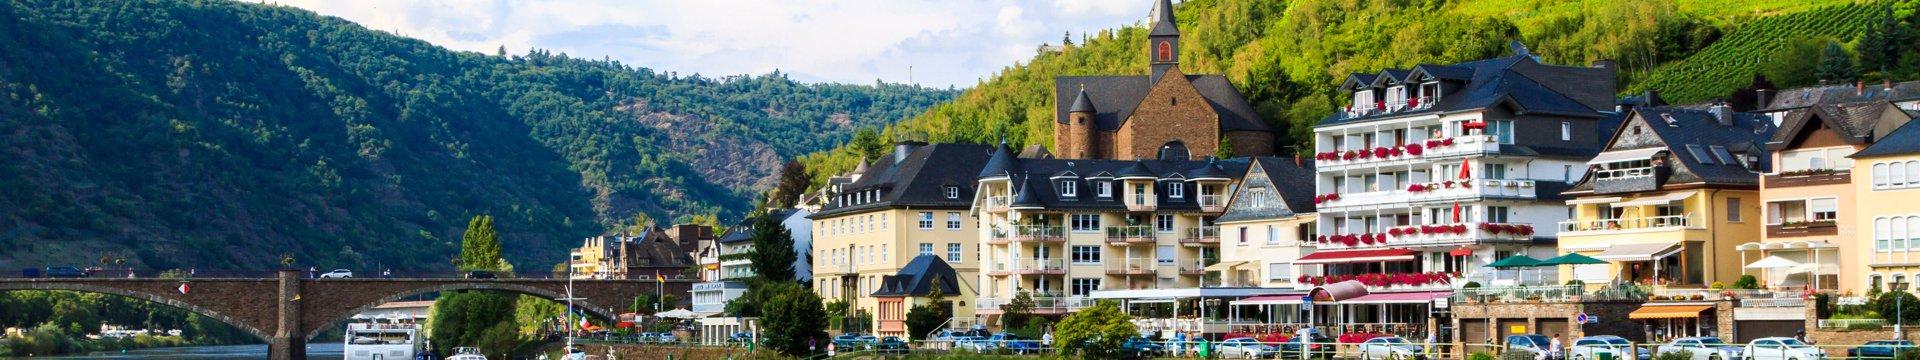 Biersdorf am See